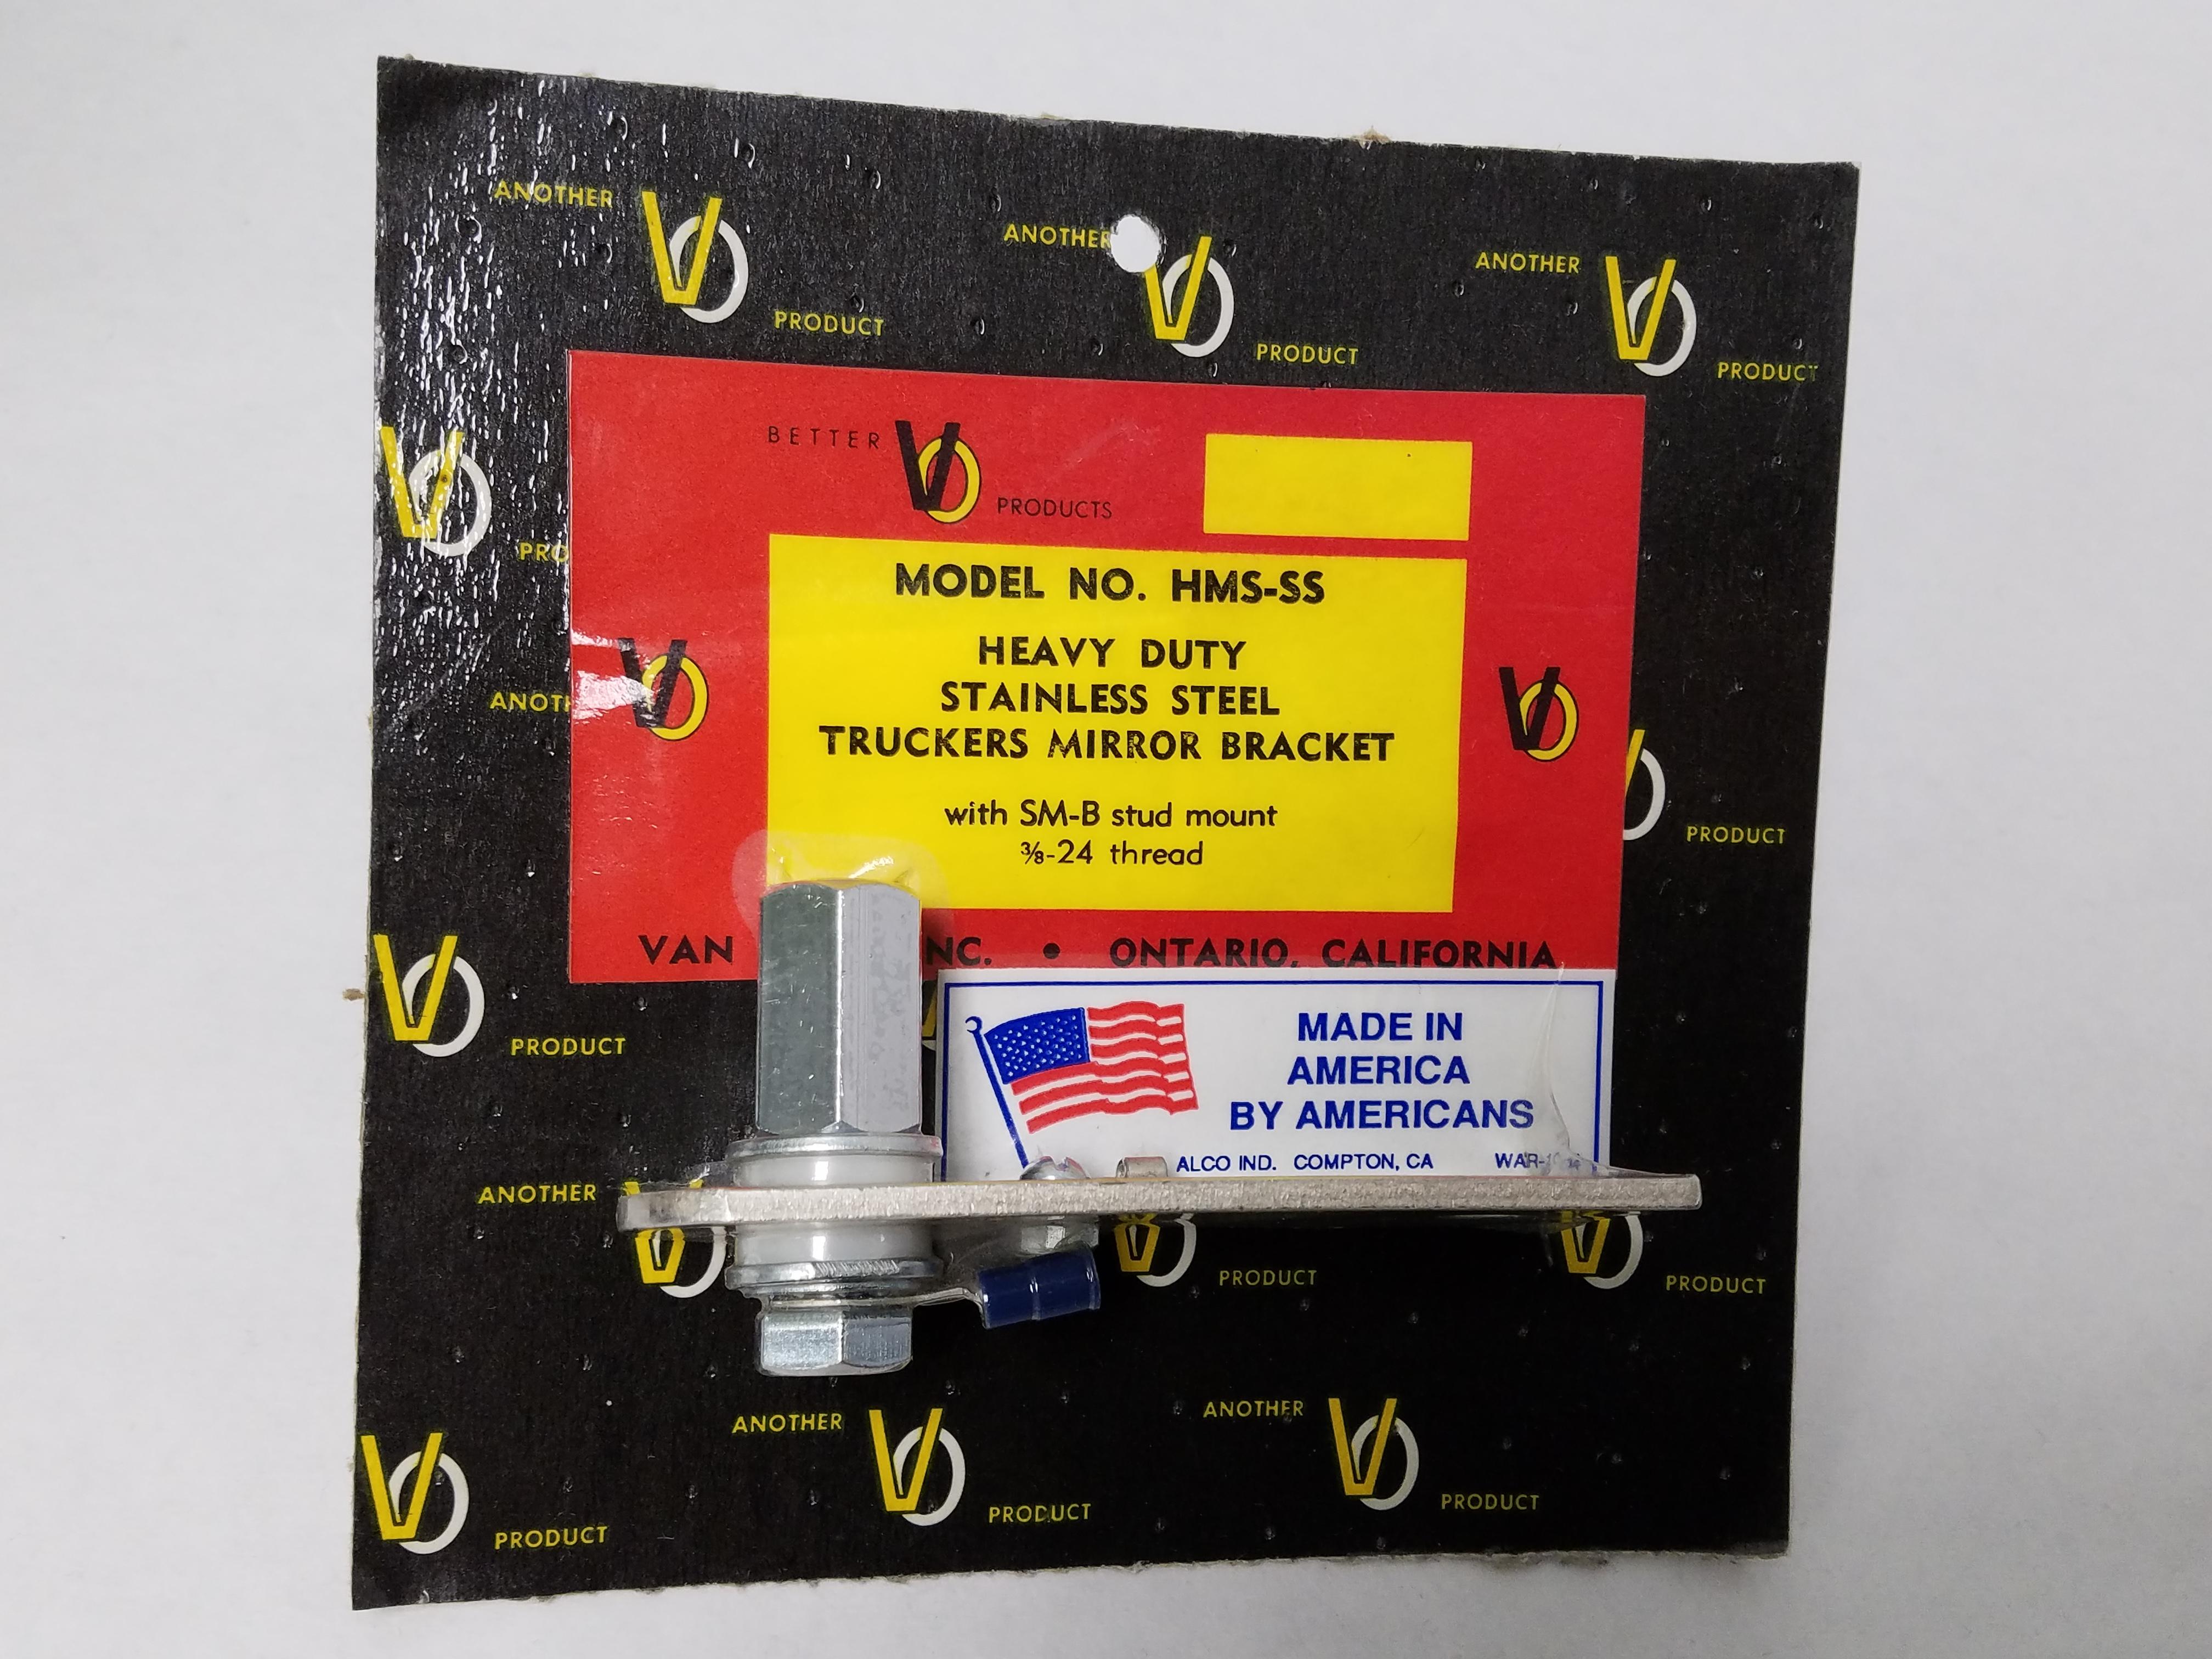 HMSSS - Heavy Duty Stainless Steel Flat Bar Mirror Bracket